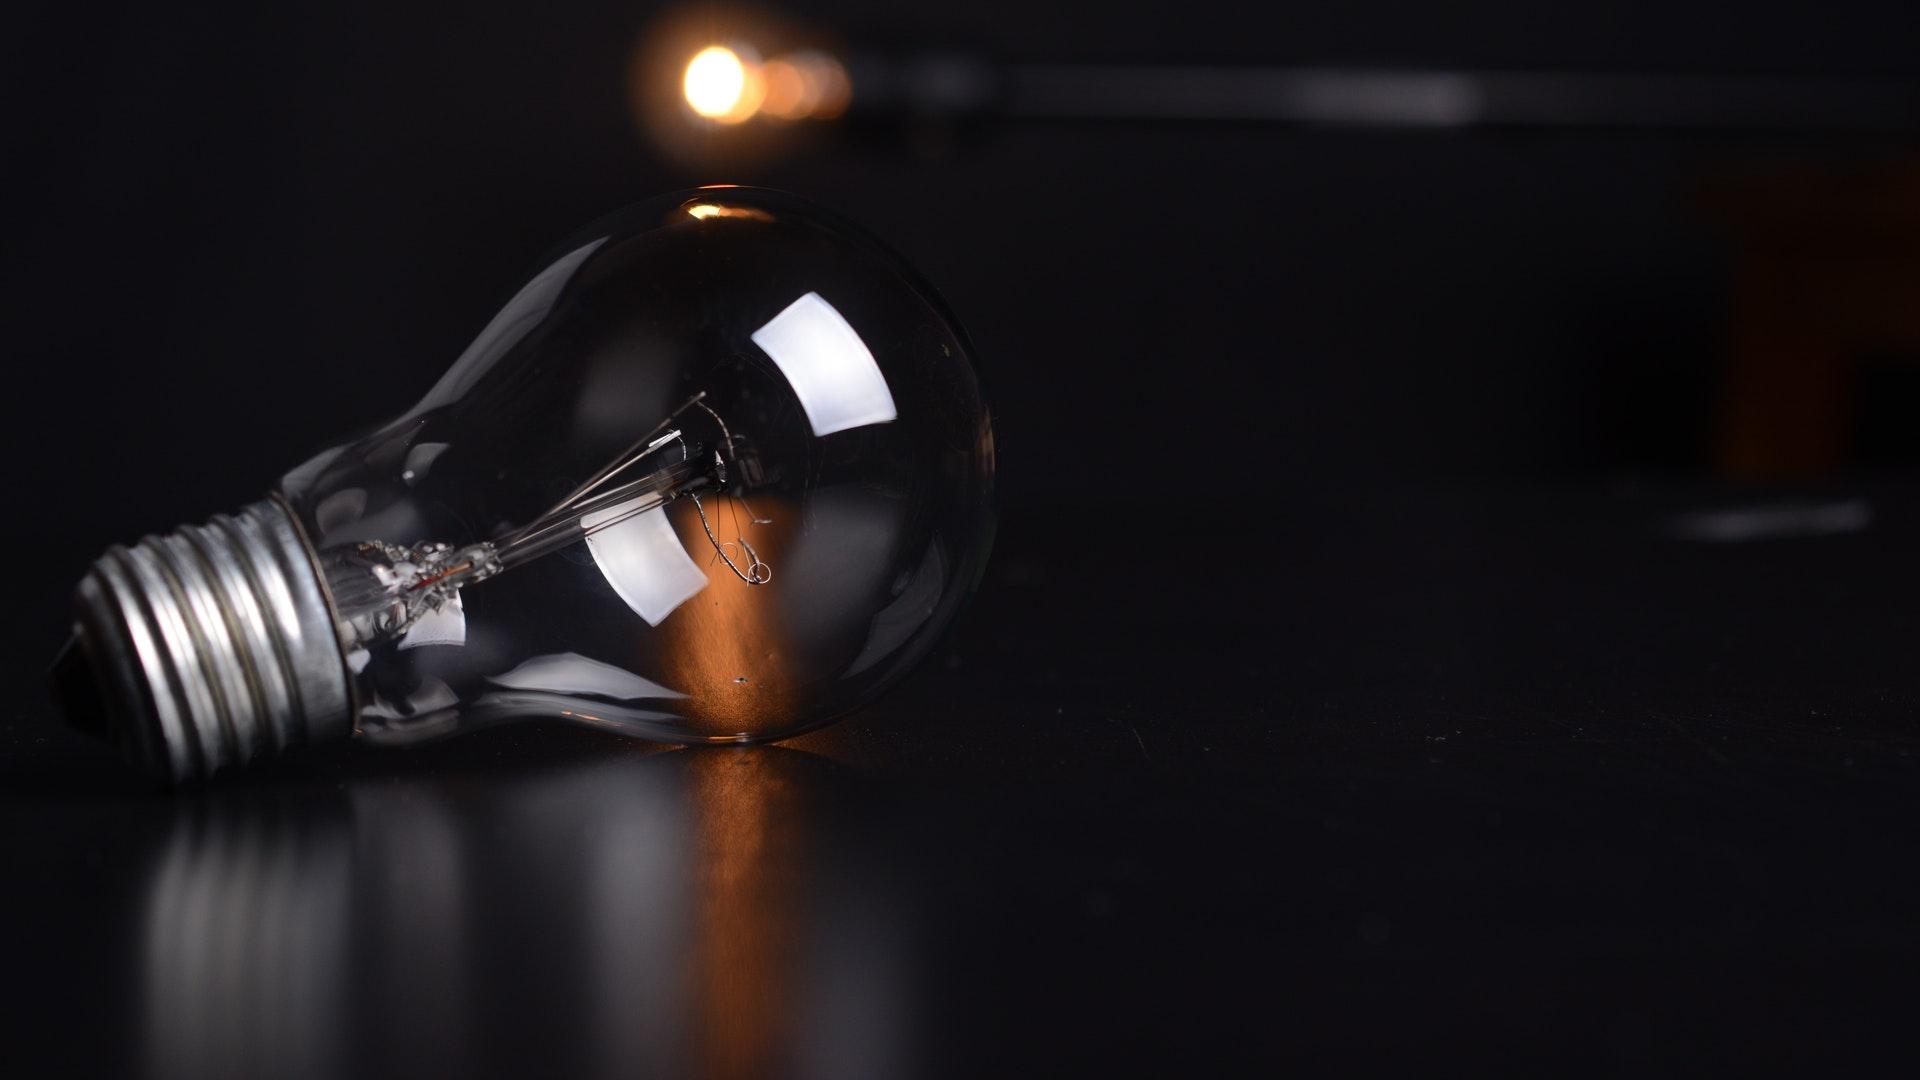 Falla en línea de transmisión provoca corte de luz en Quilaco, Santa Bárbara y Alto Biobío